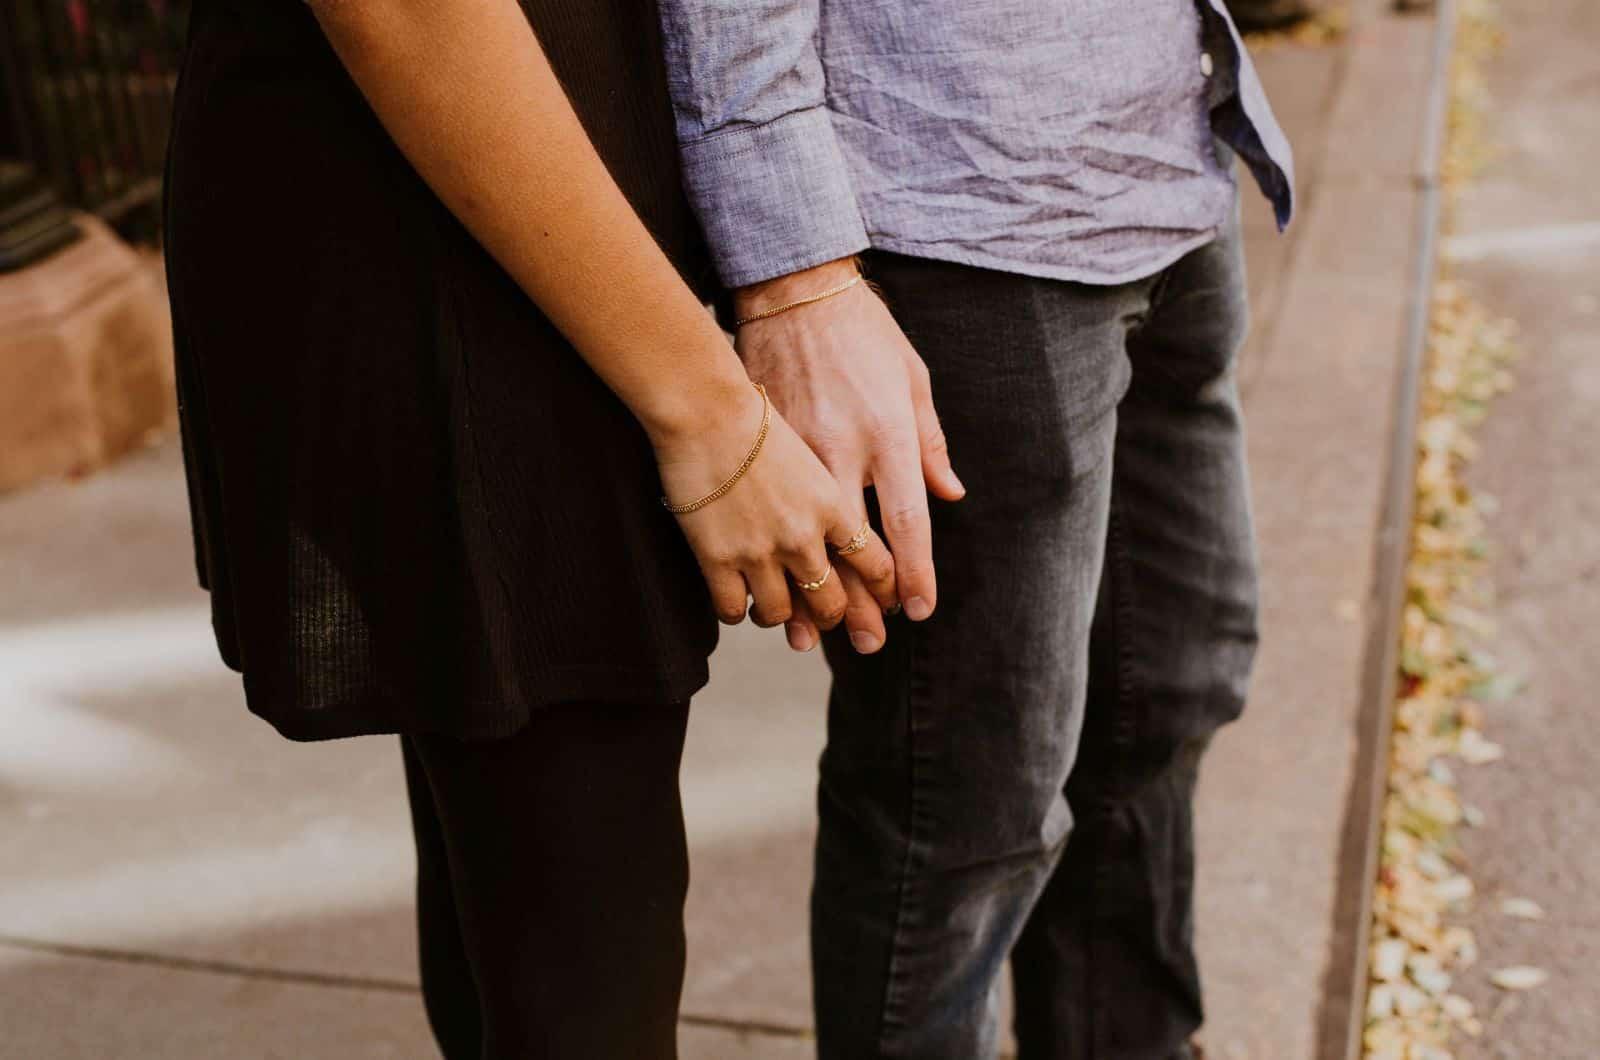 abgeschnittenes Foto eines Paares, das Händchen hält